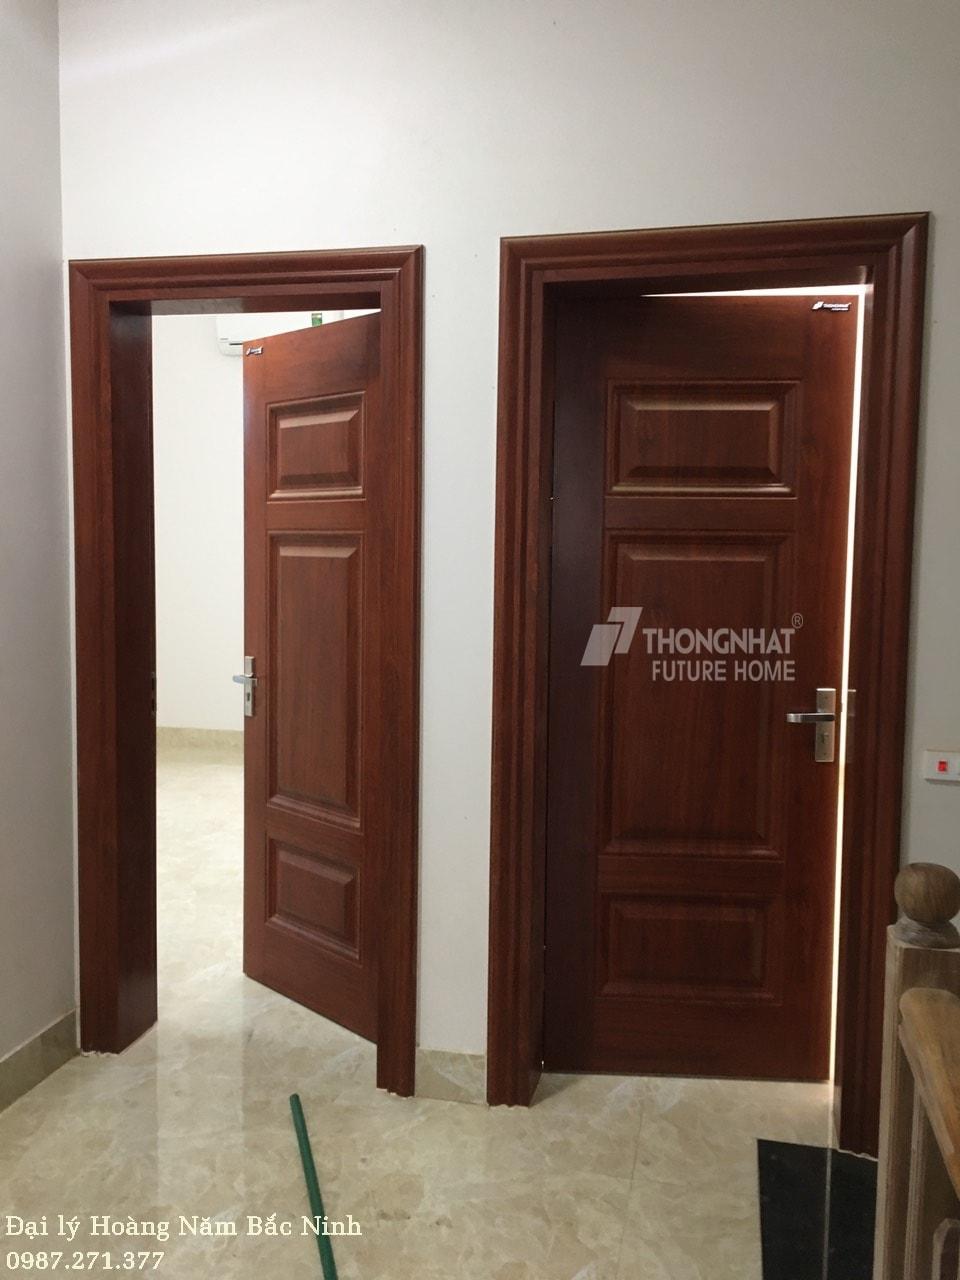 Thăm công trình lắp đặt cửa thép vân gỗ tại Tiên Du Bắc Ninh